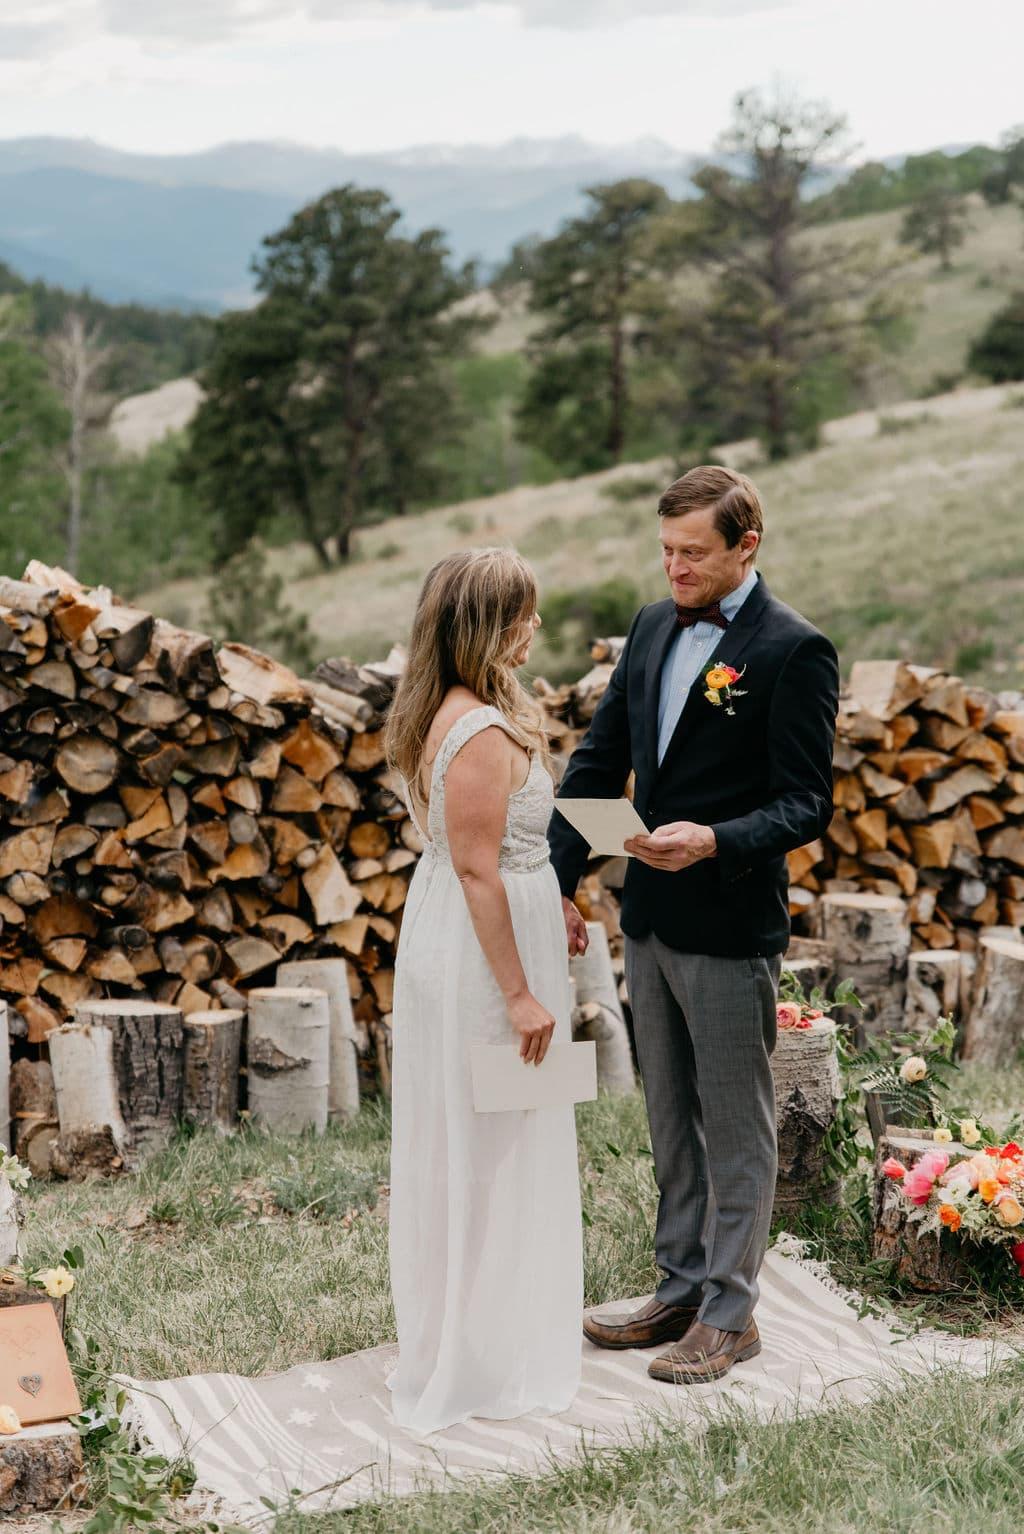 Colorado Elopement in Golden, Colorado saying their vows